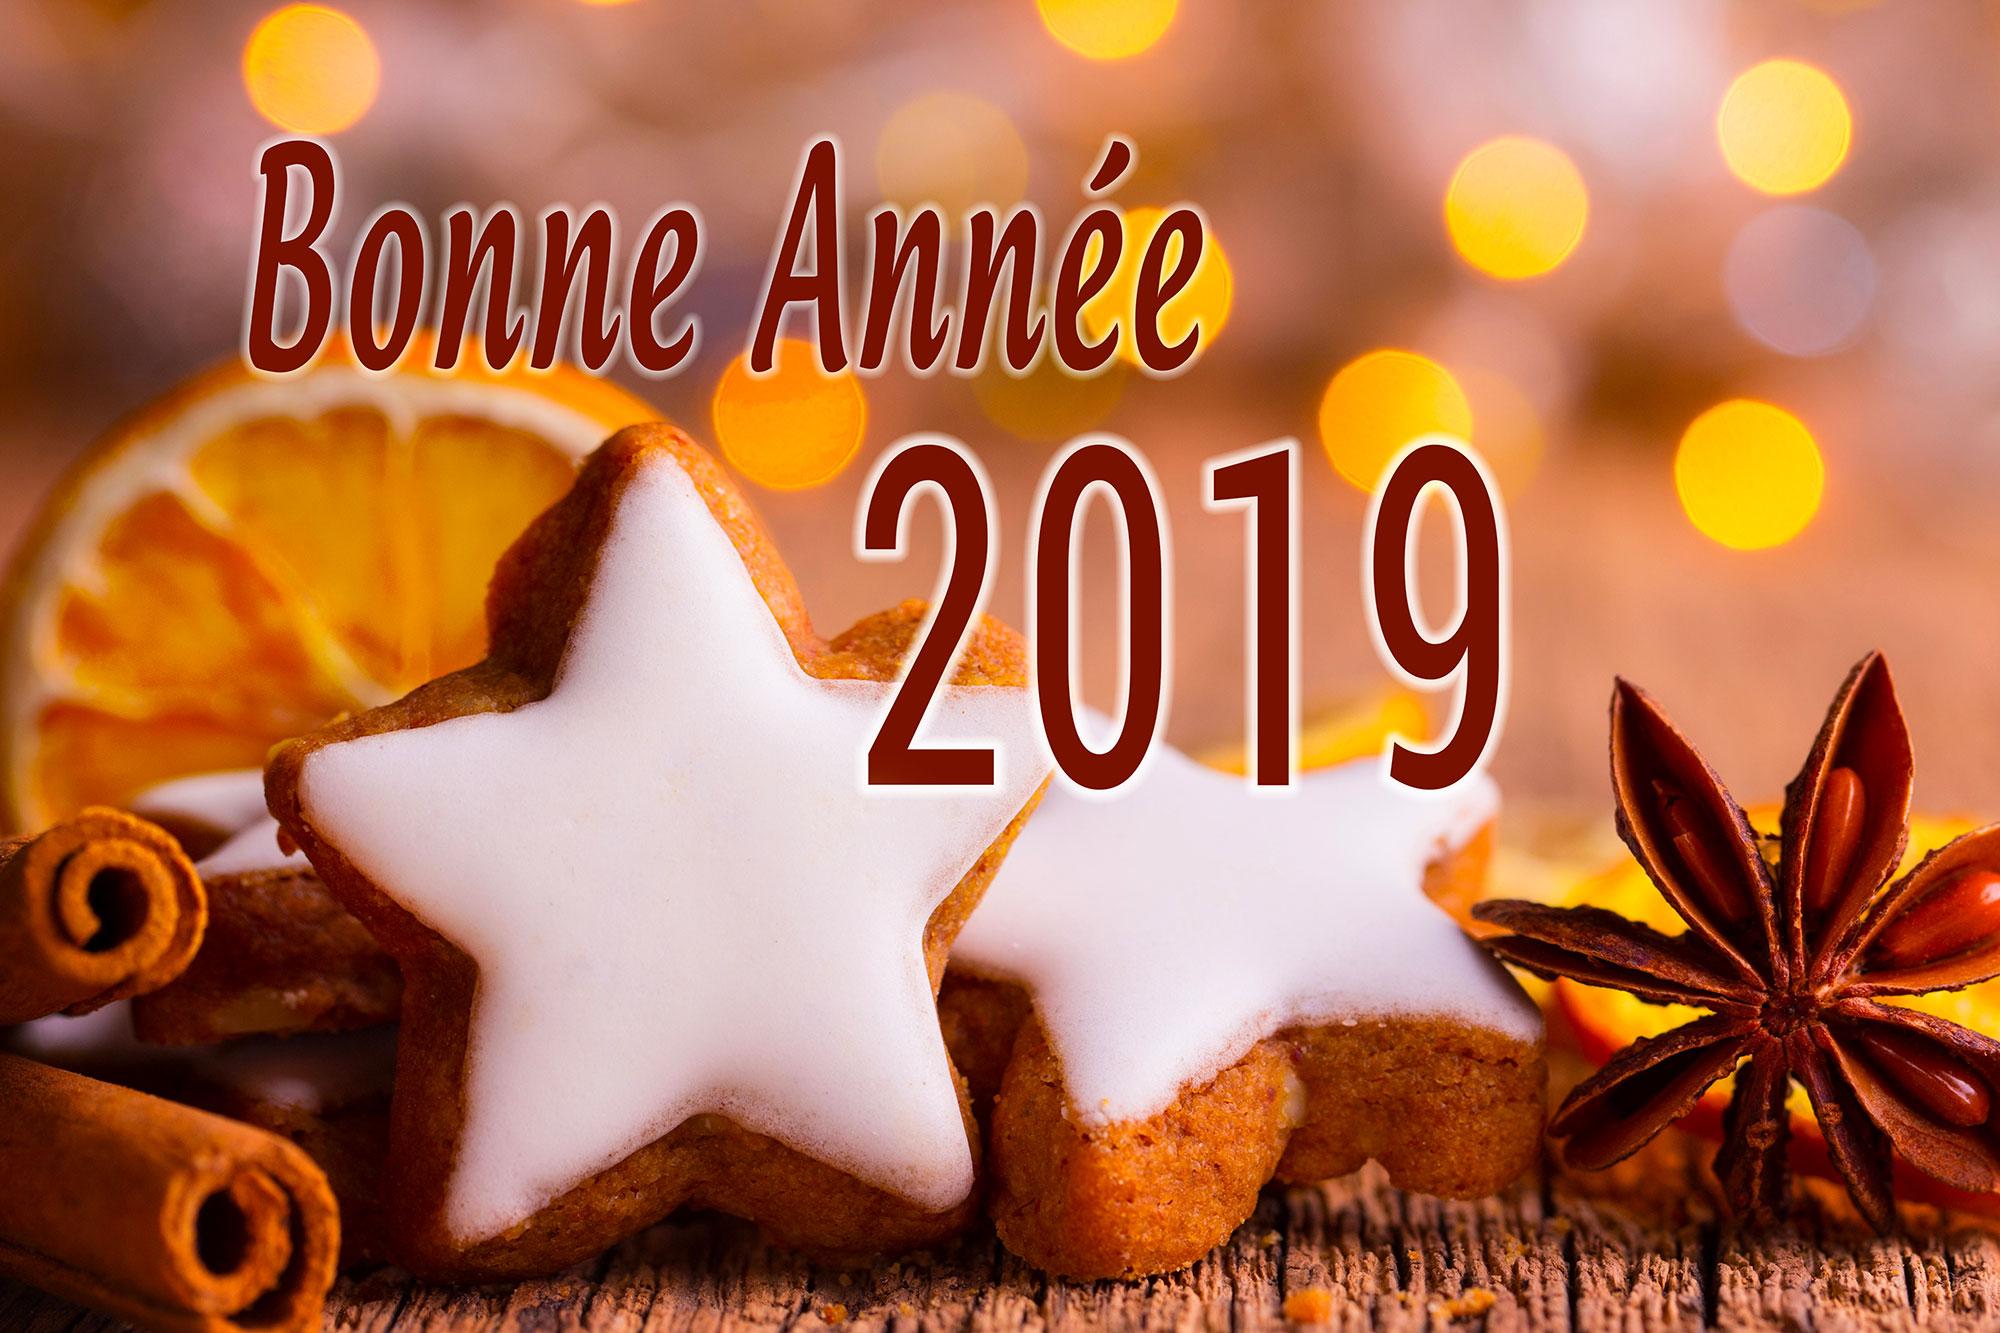 Une belle année 2019 !